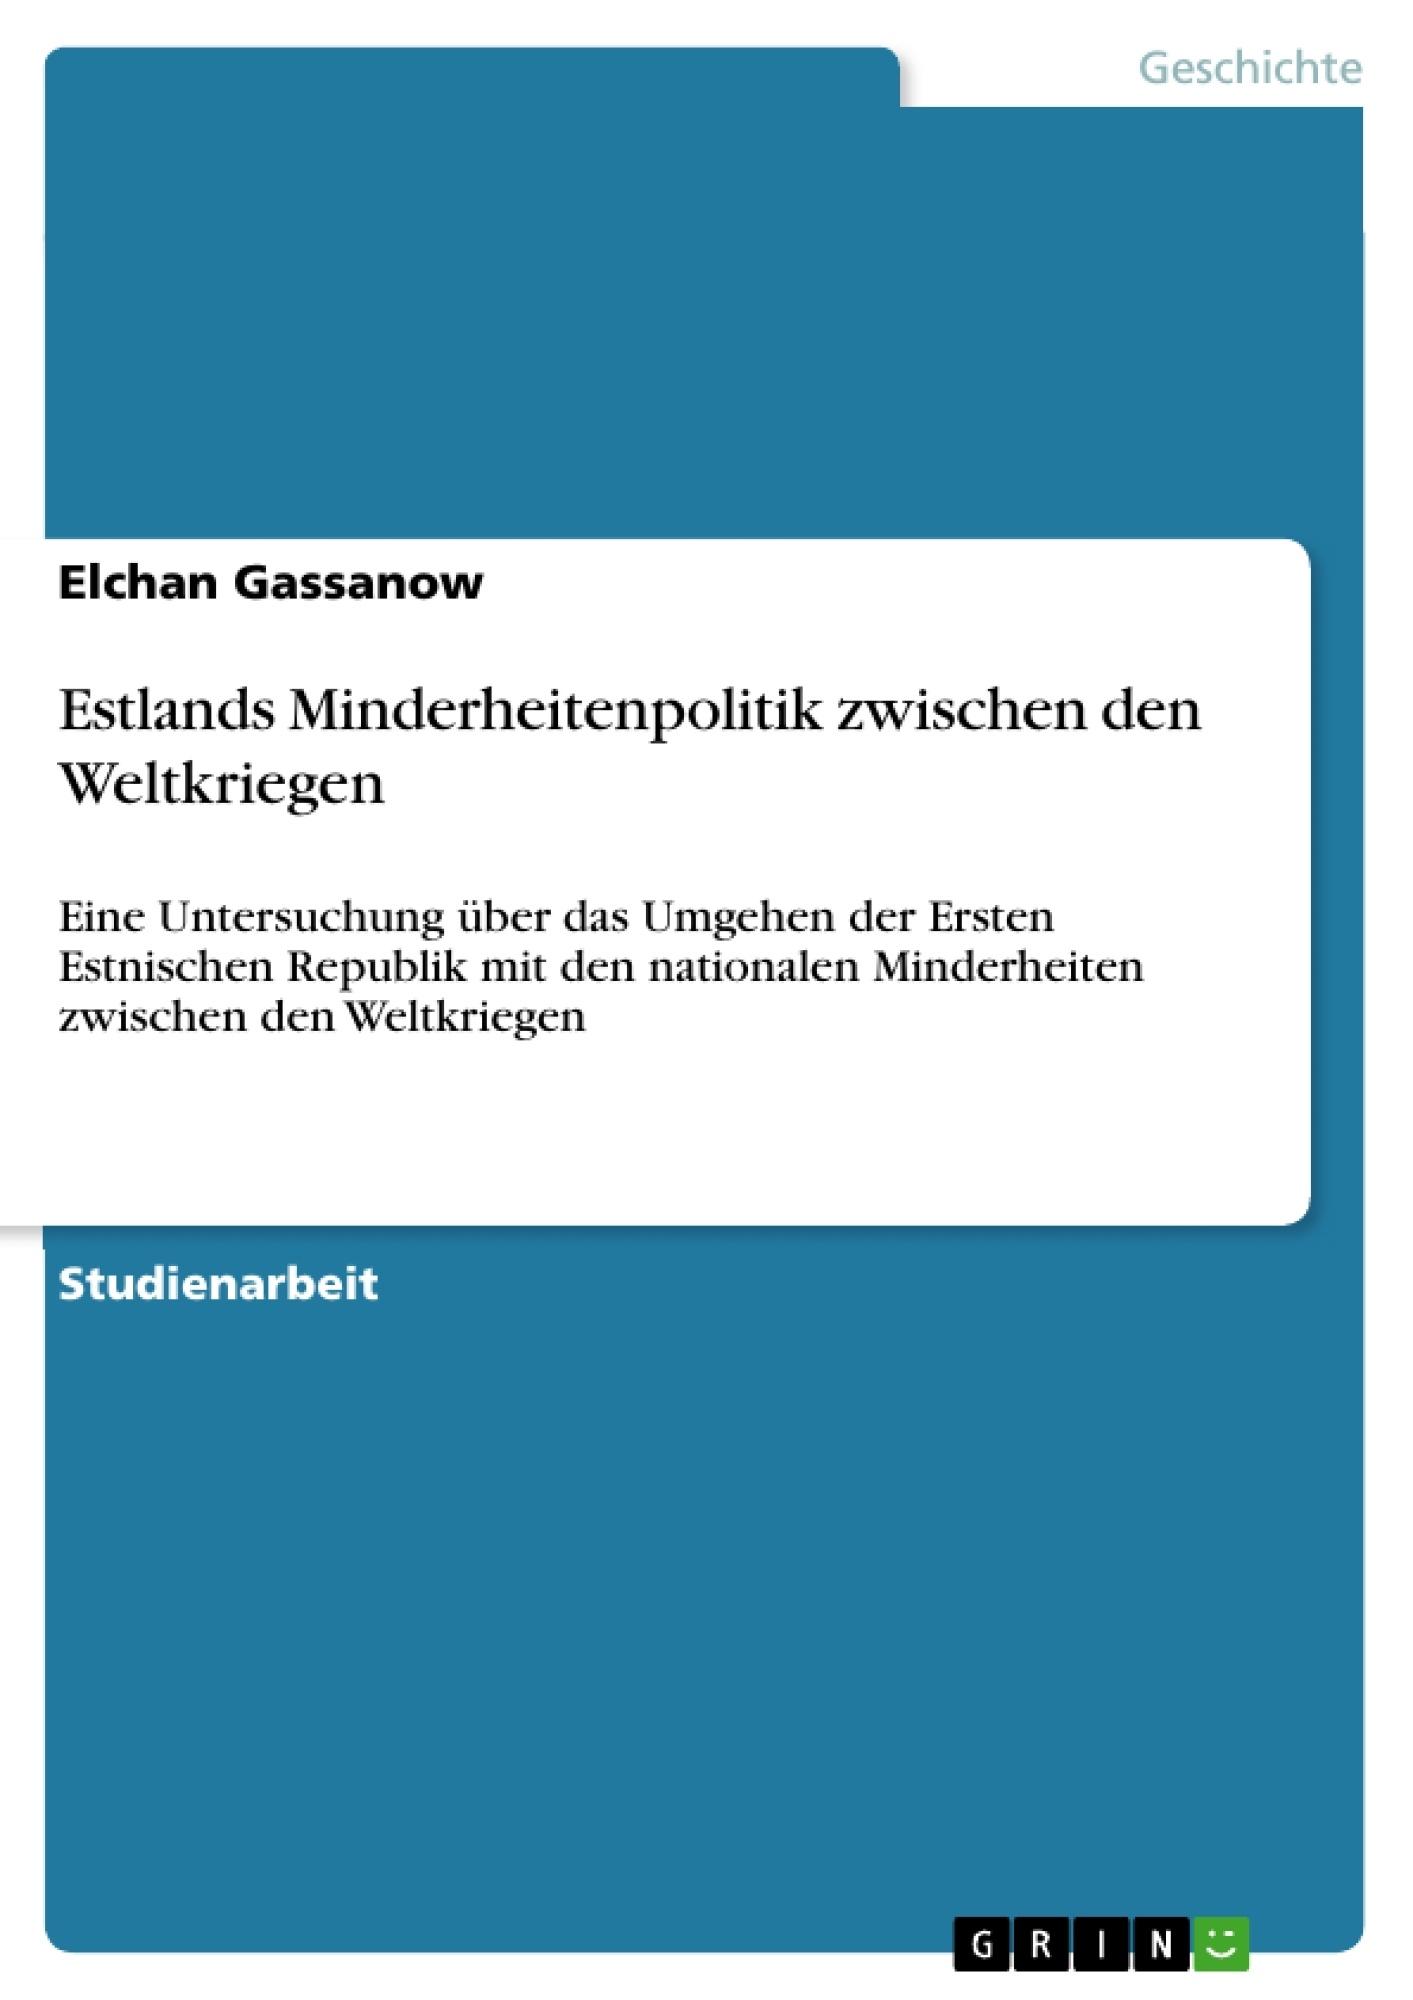 Titel: Estlands Minderheitenpolitik zwischen den Weltkriegen